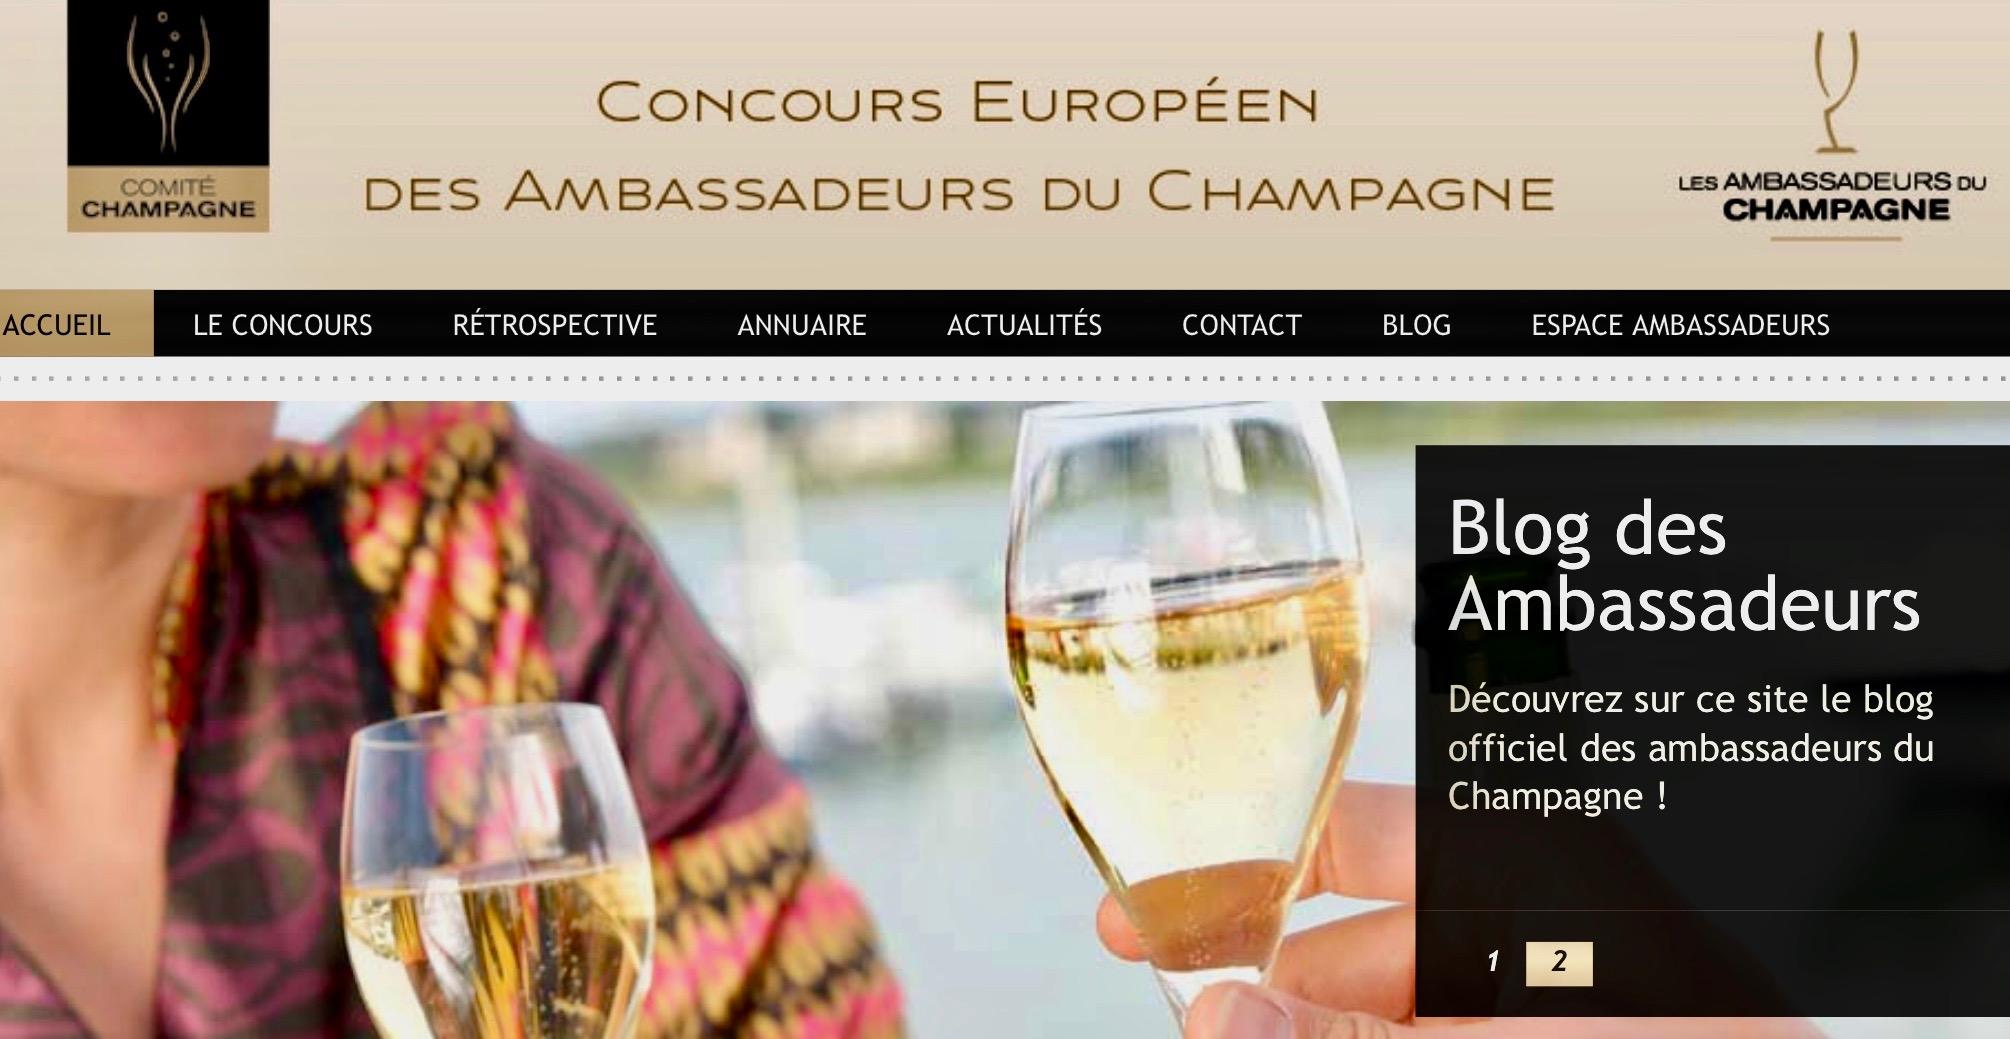 Arrêt du Concours Européen des Ambassadeurs du Champagne.